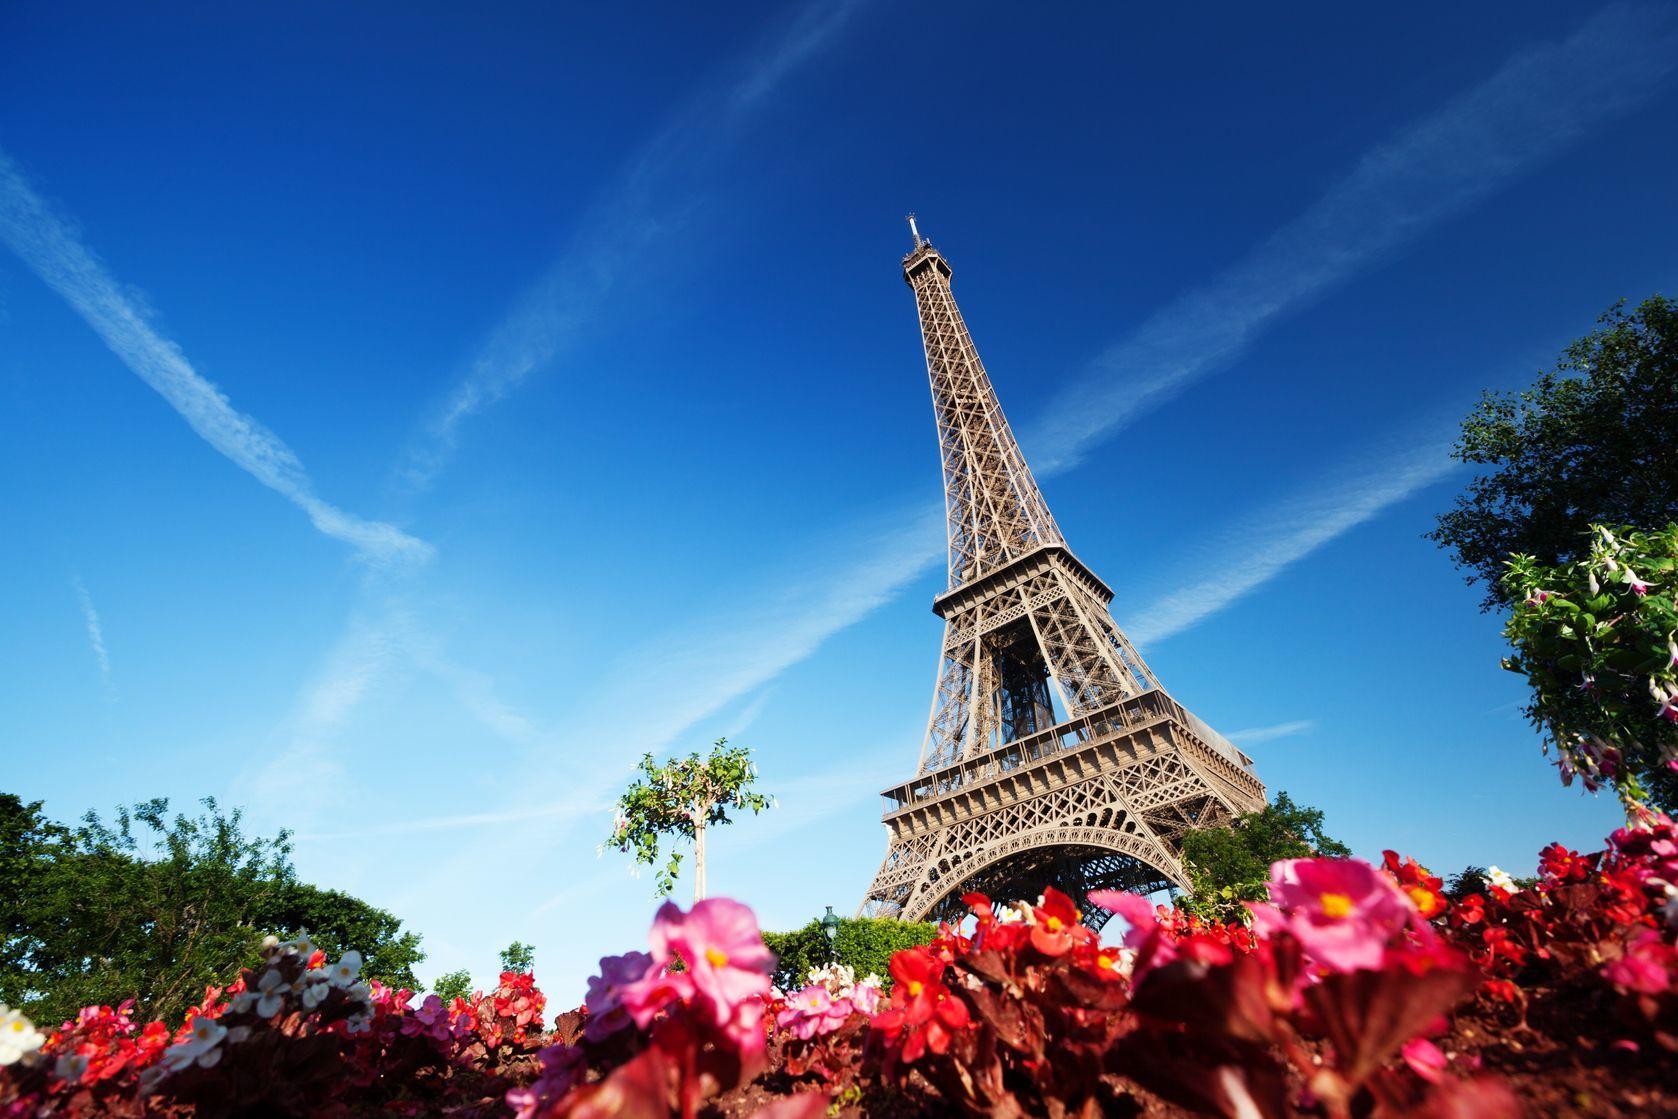 Slunečné ráno a Eiffelova věž | iakov/123RF.com